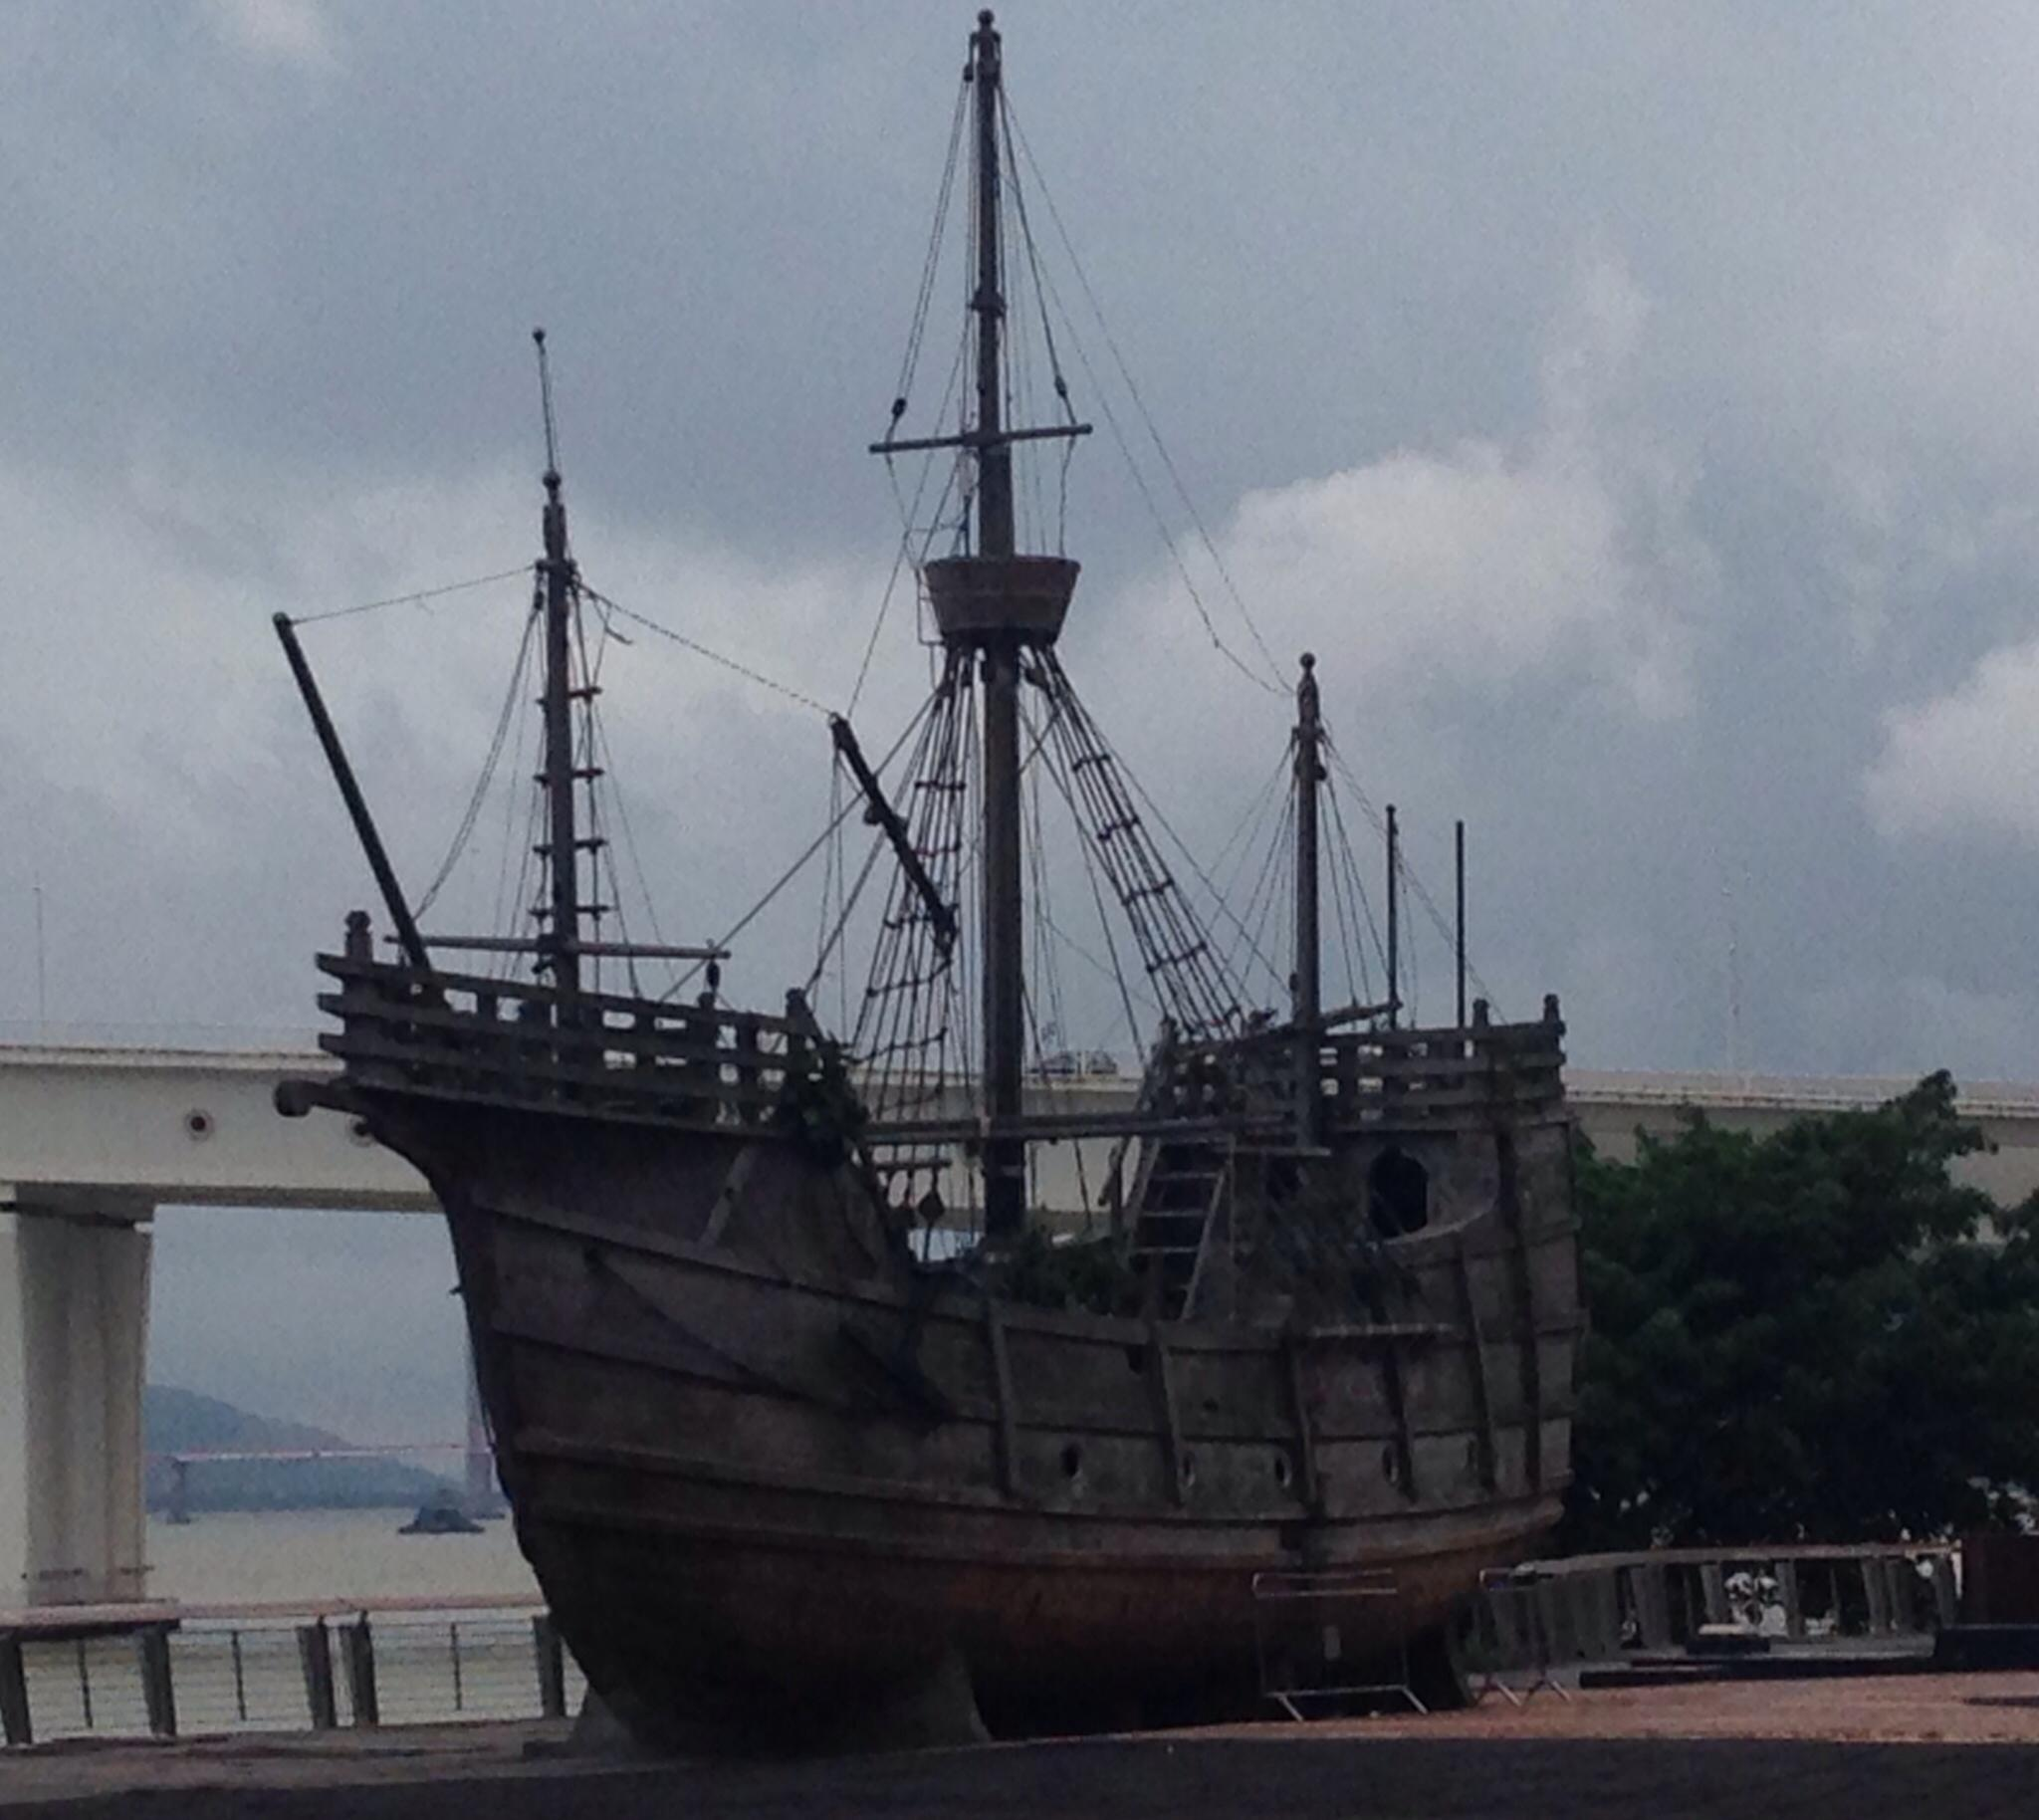 Património | Apelo à preservação de réplica de nau portuguesa